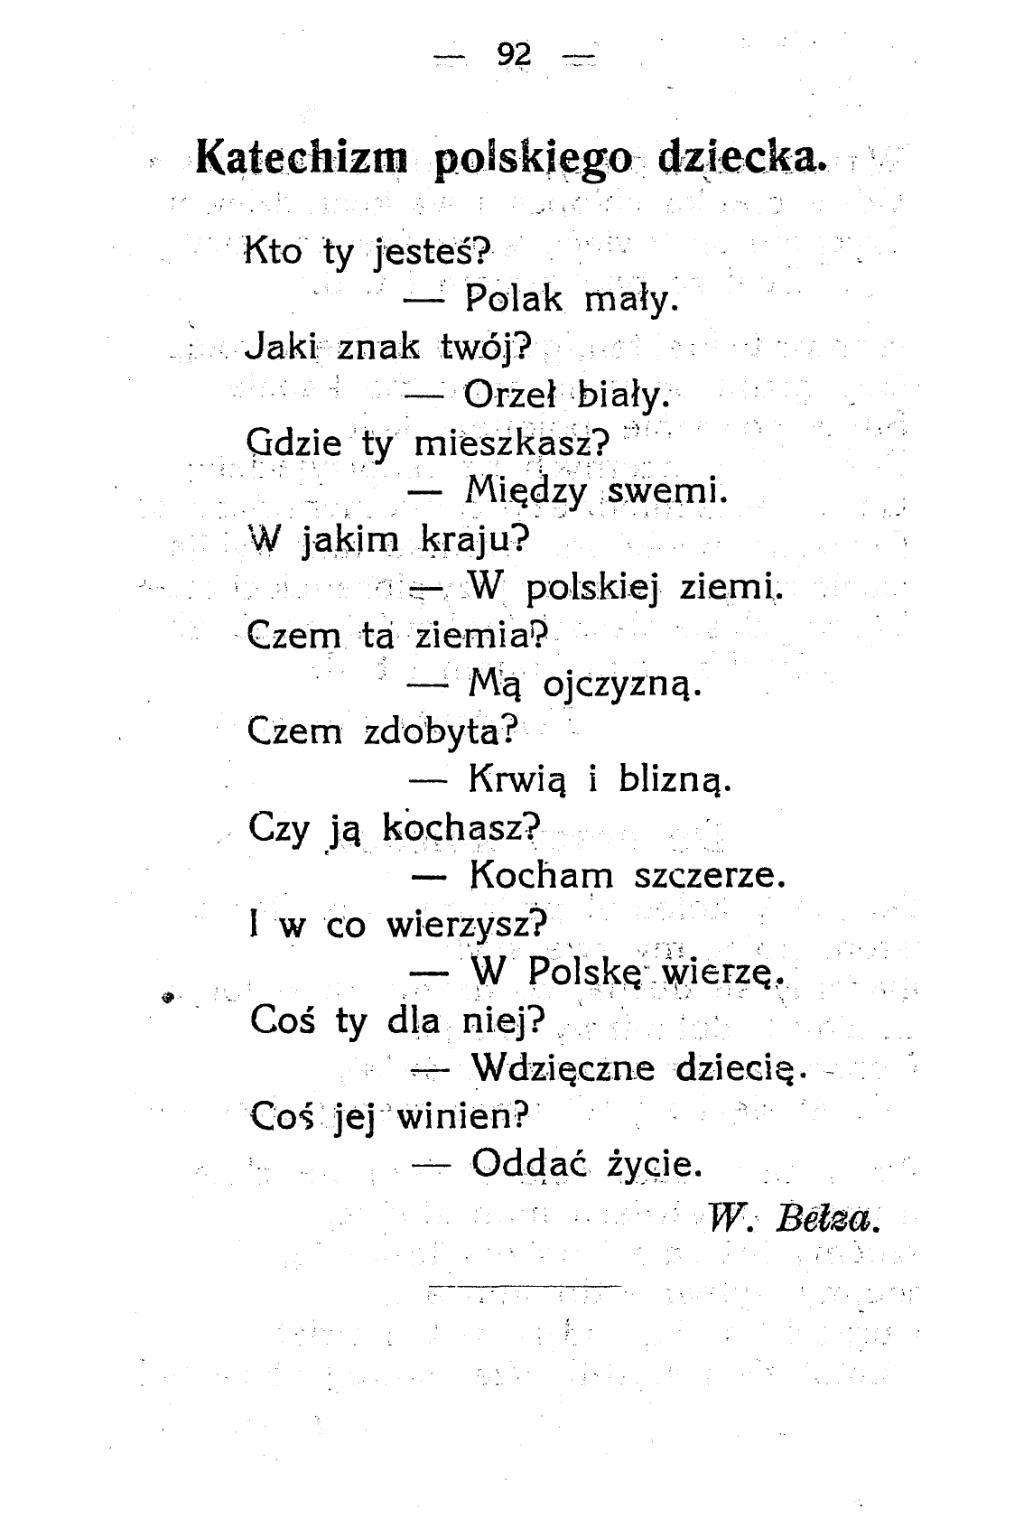 Stronapieśni Narodowedjvu96 Wikiźródła Wolna Biblioteka